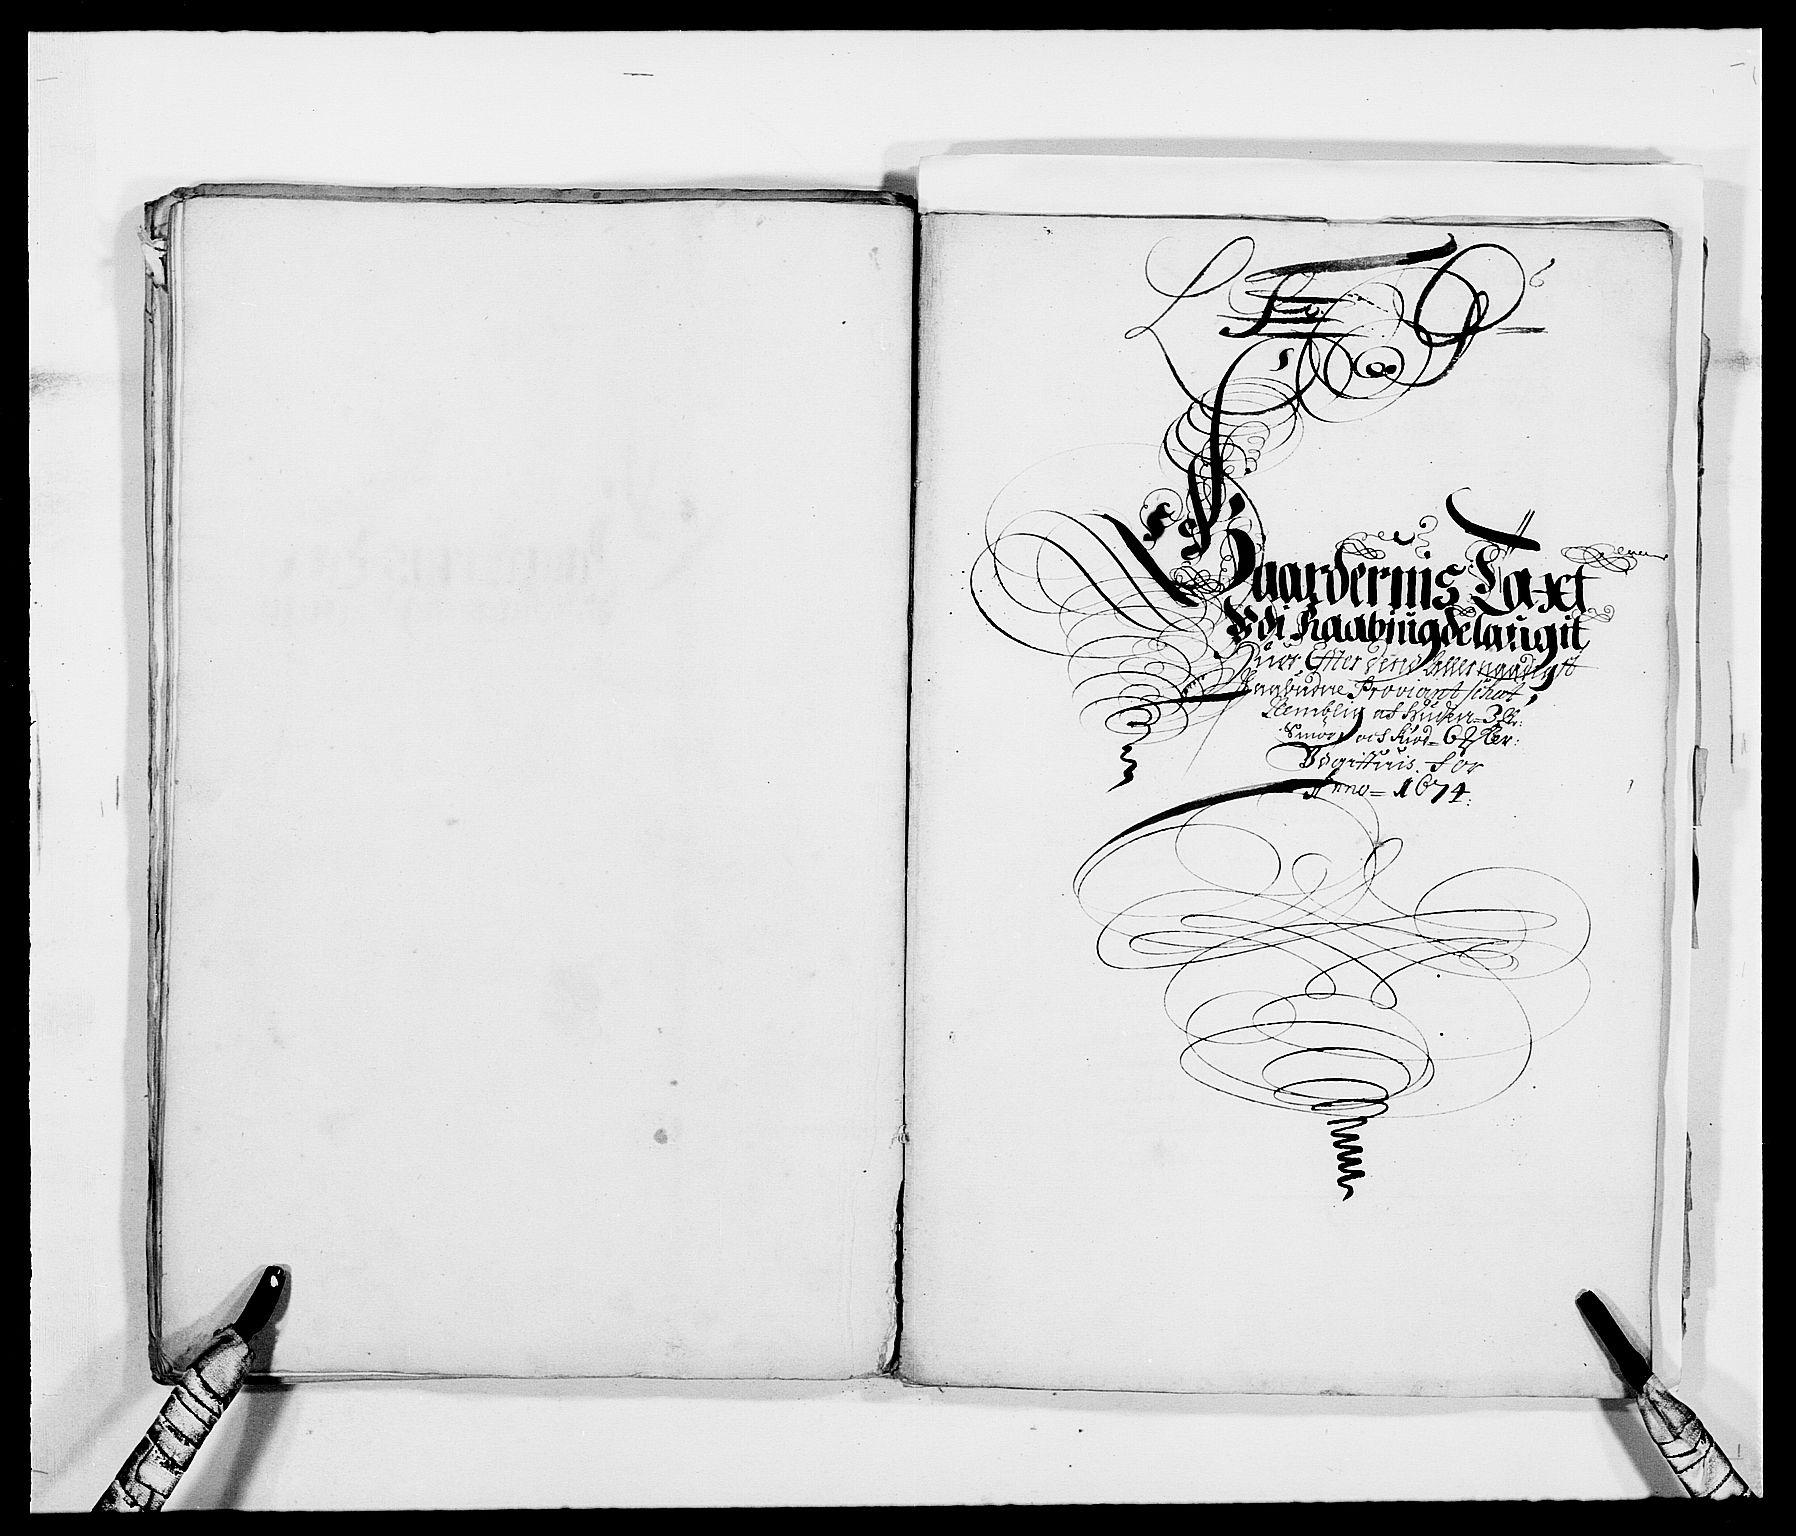 RA, Rentekammeret inntil 1814, Reviderte regnskaper, Fogderegnskap, R40/L2433: Fogderegnskap Råbyggelag, 1671-1674, s. 306